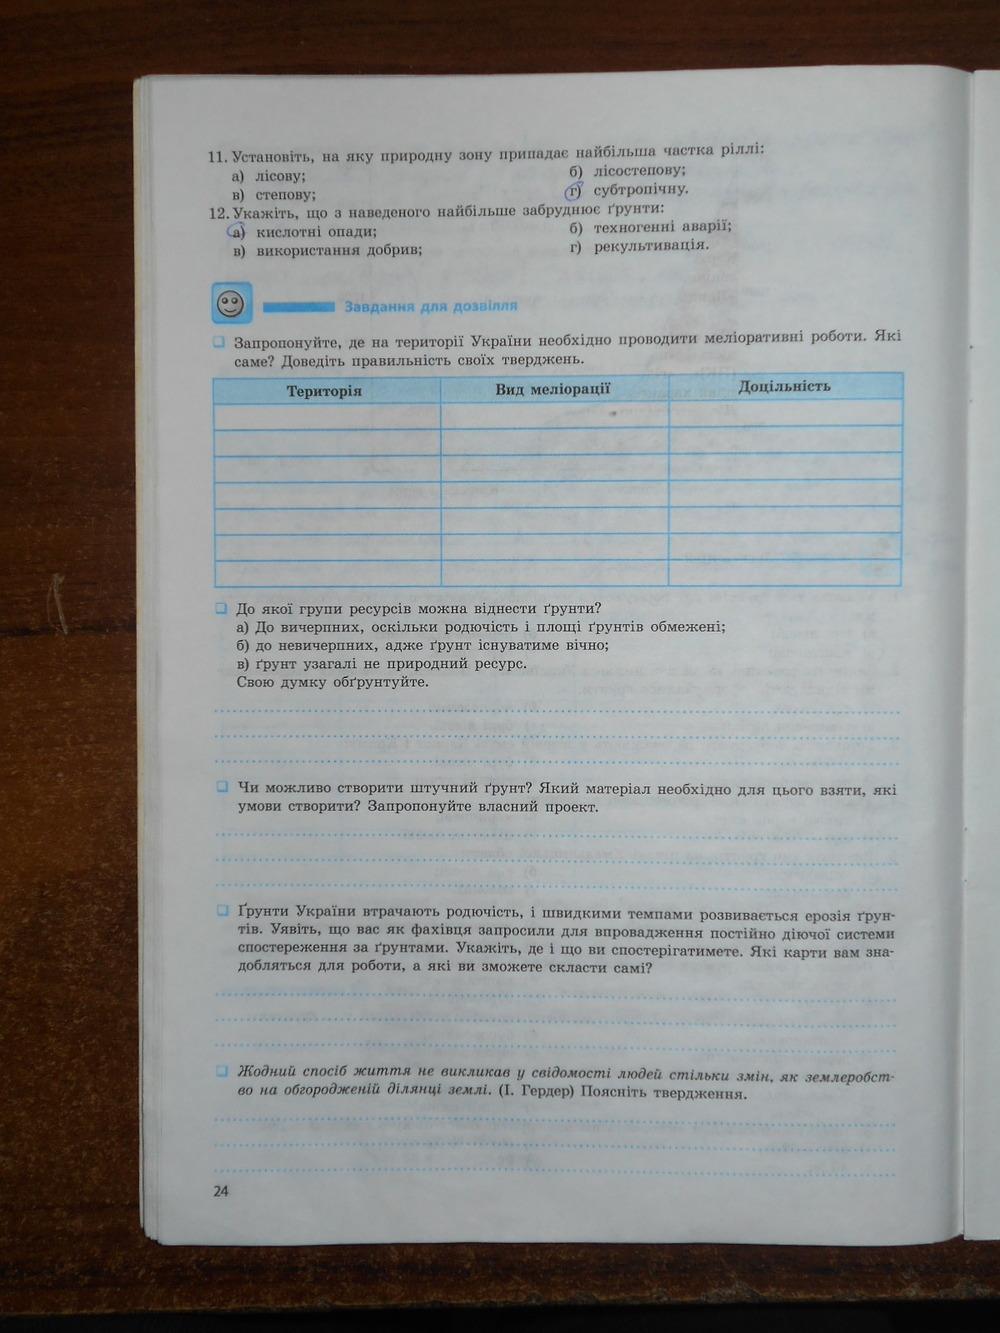 ГДЗ відповіді робочий зошит по географии 8 класс Т.Г. Гільберг, В.М. Проценко. Задание: стр. 24